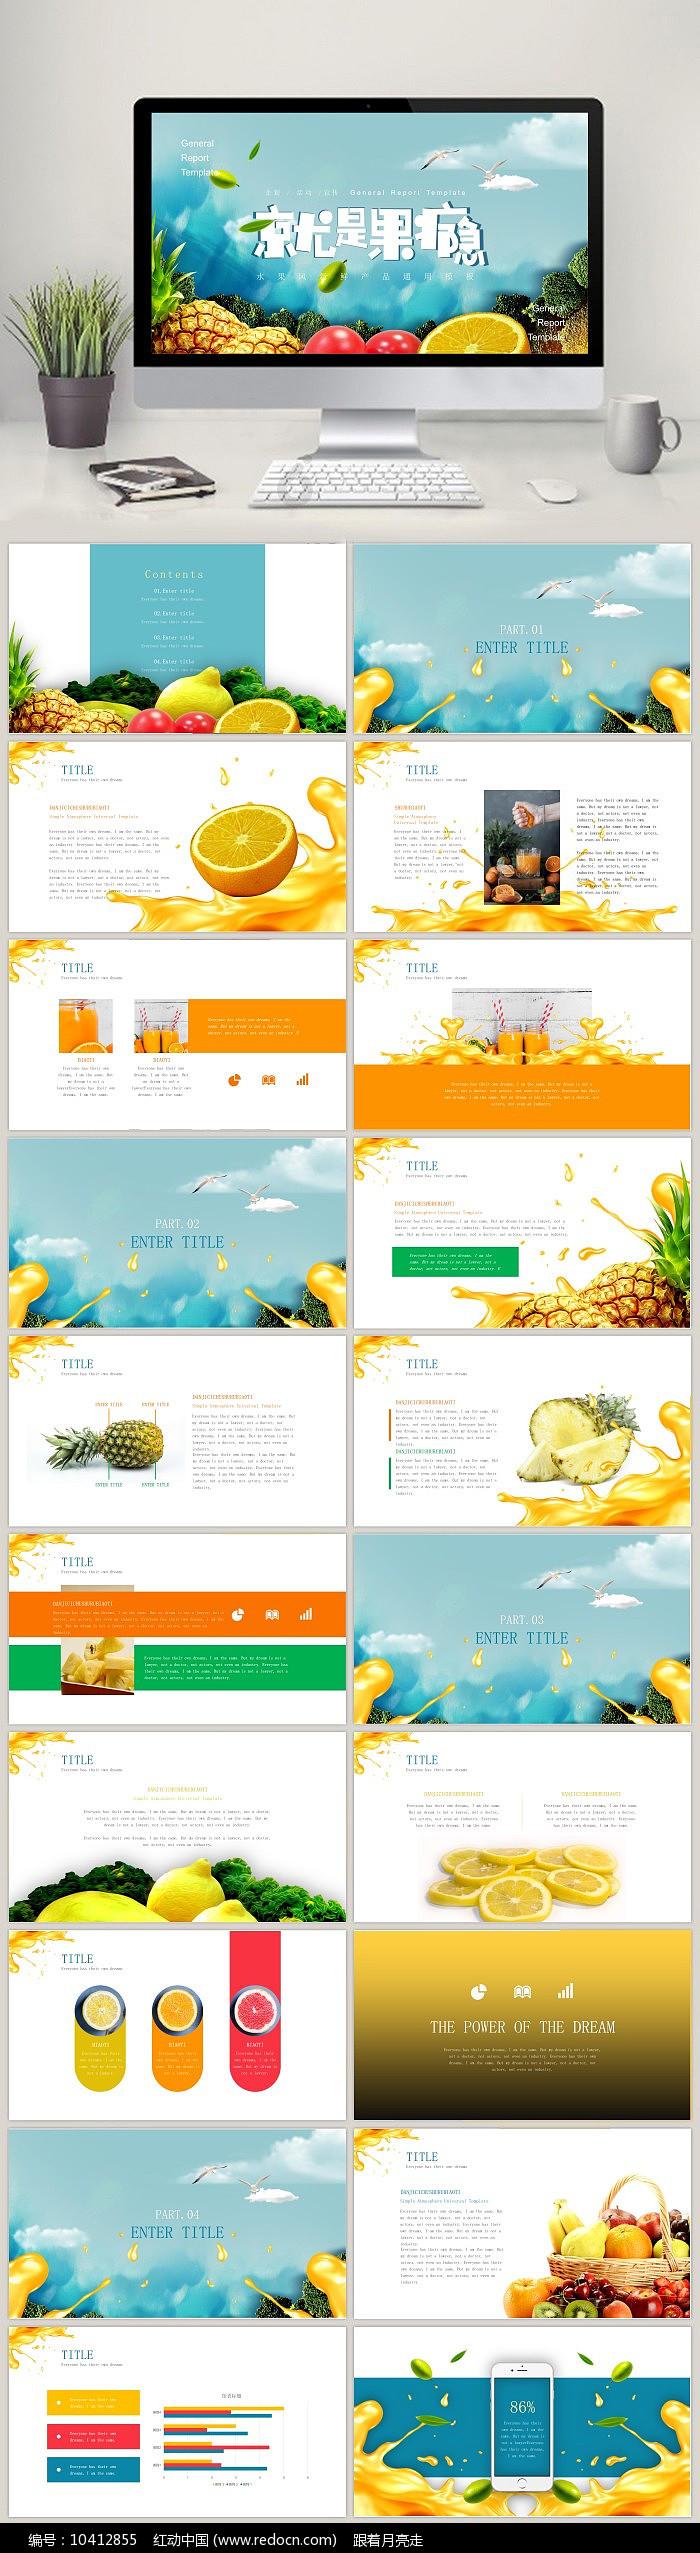 彩色商务风缤纷果蔬商业计划书PPT图片